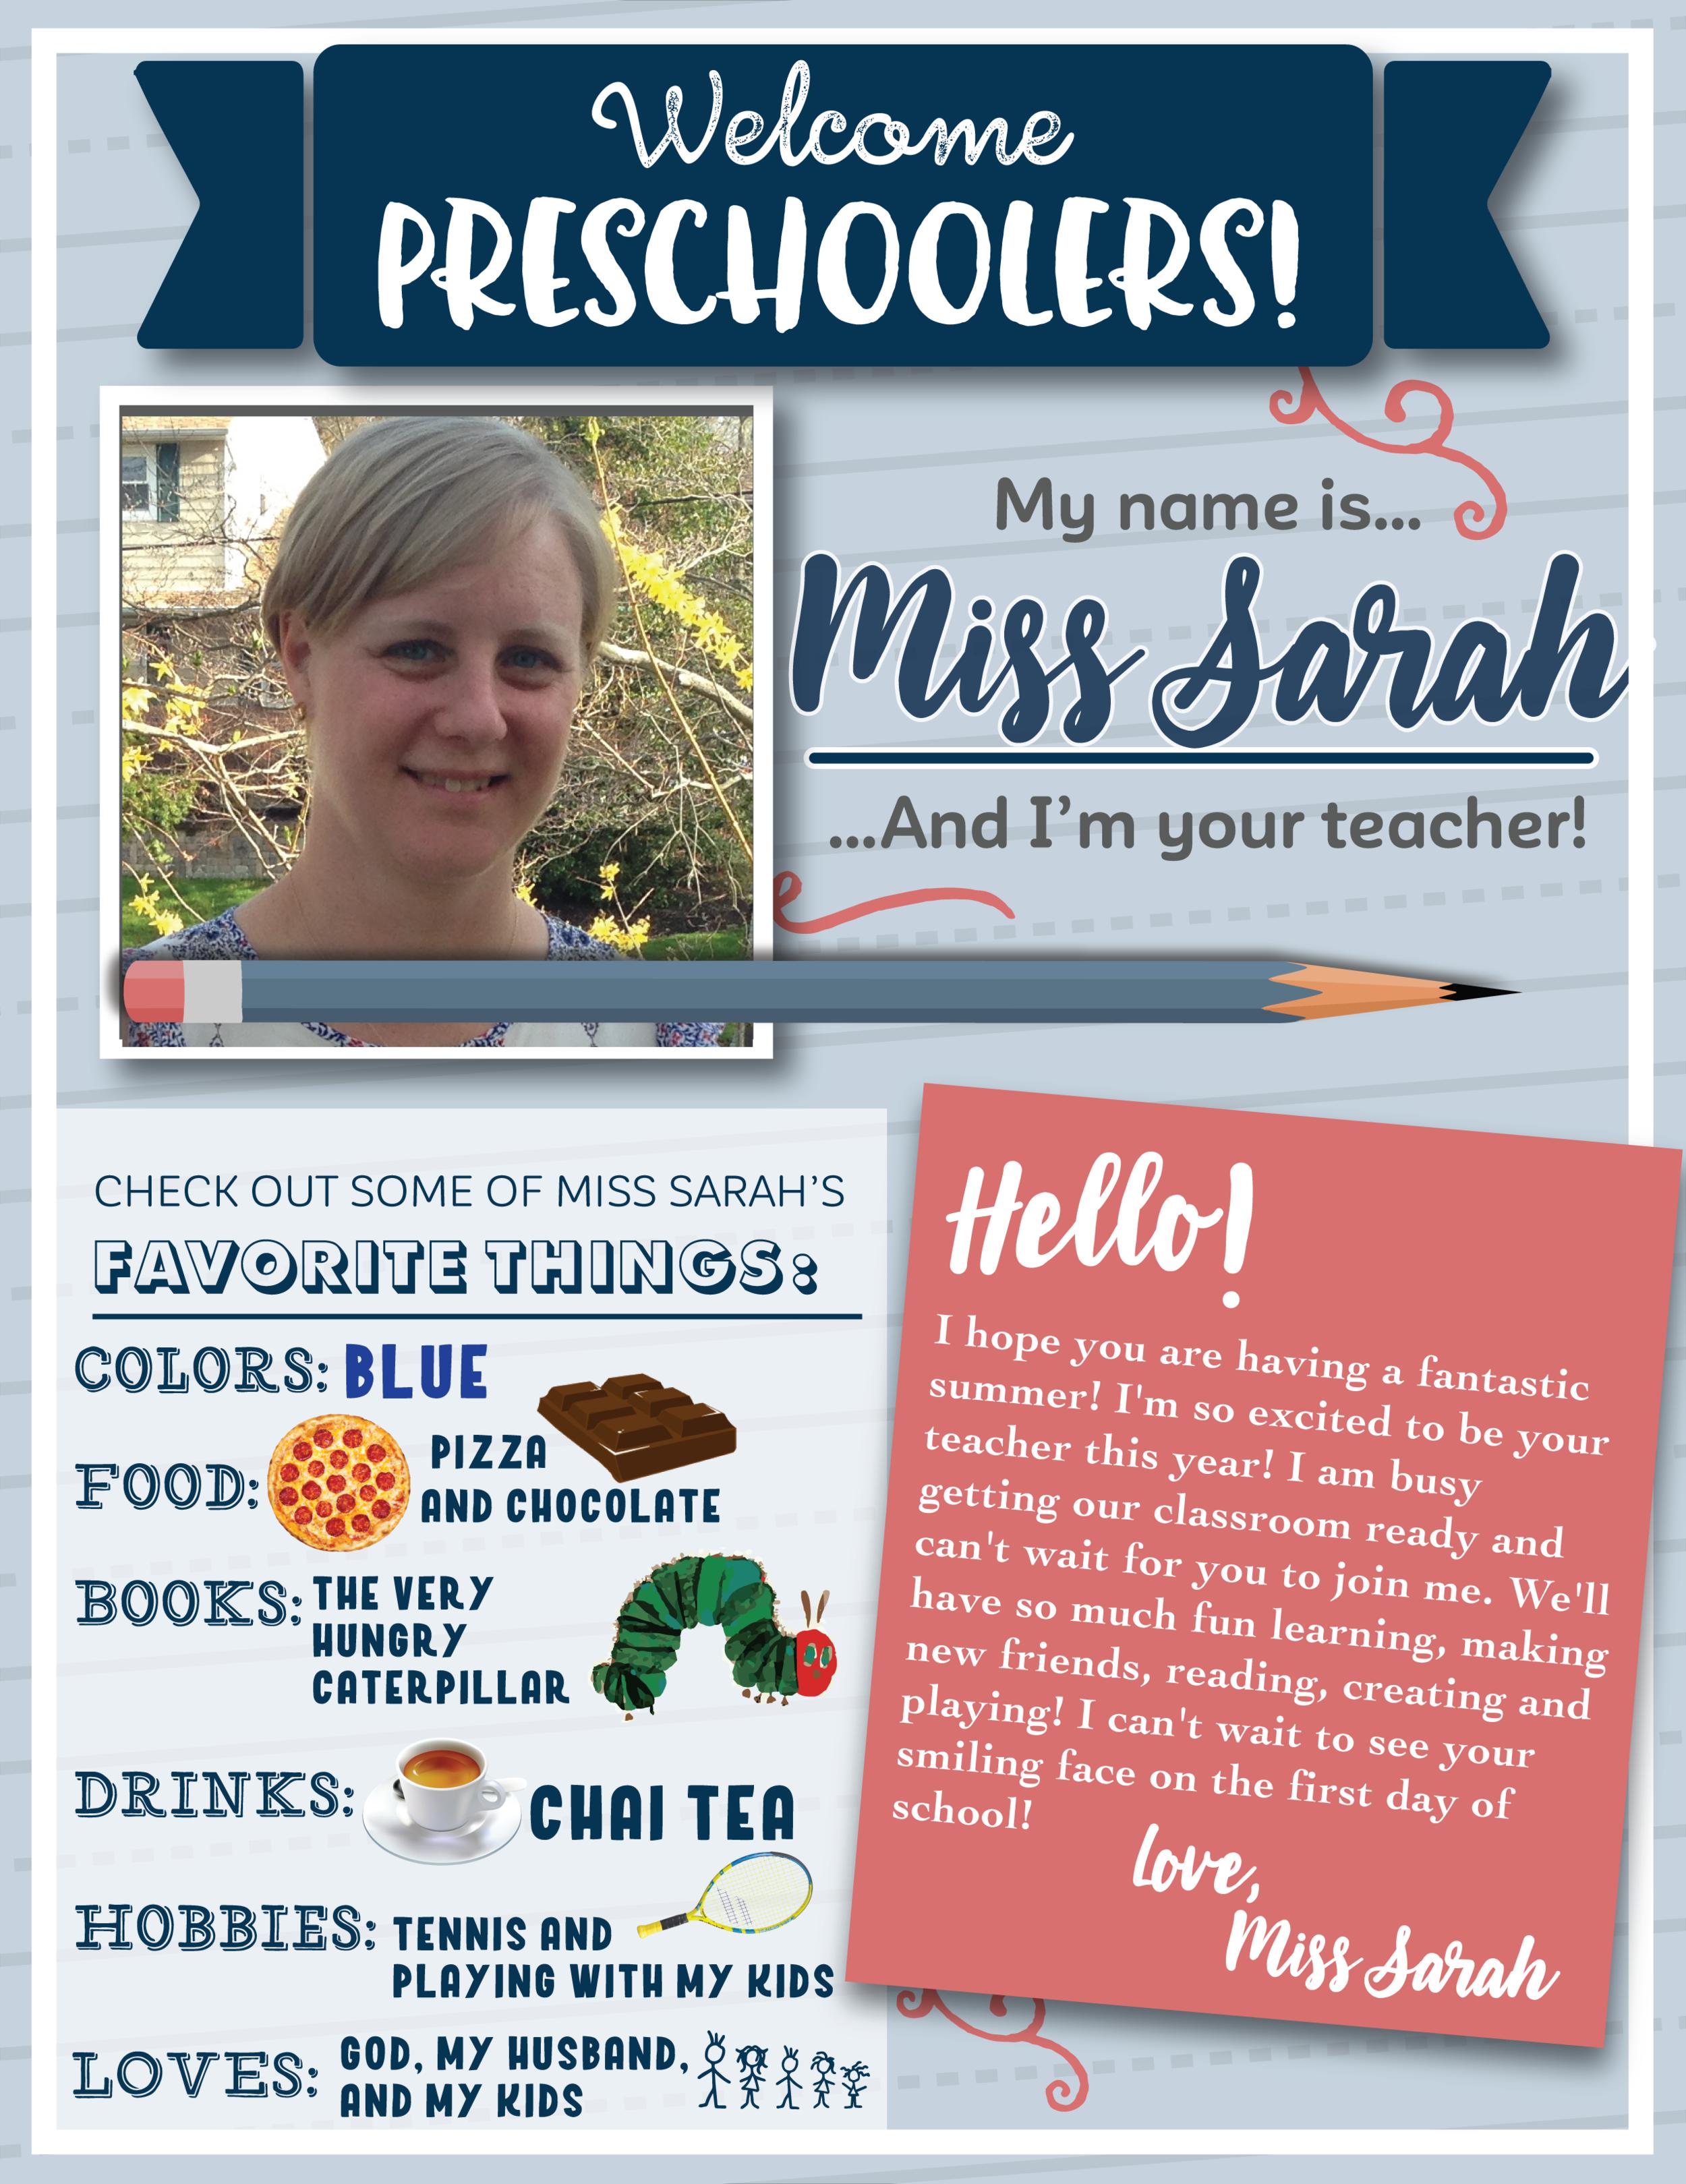 faith preschool - teachers_sarah intro.png